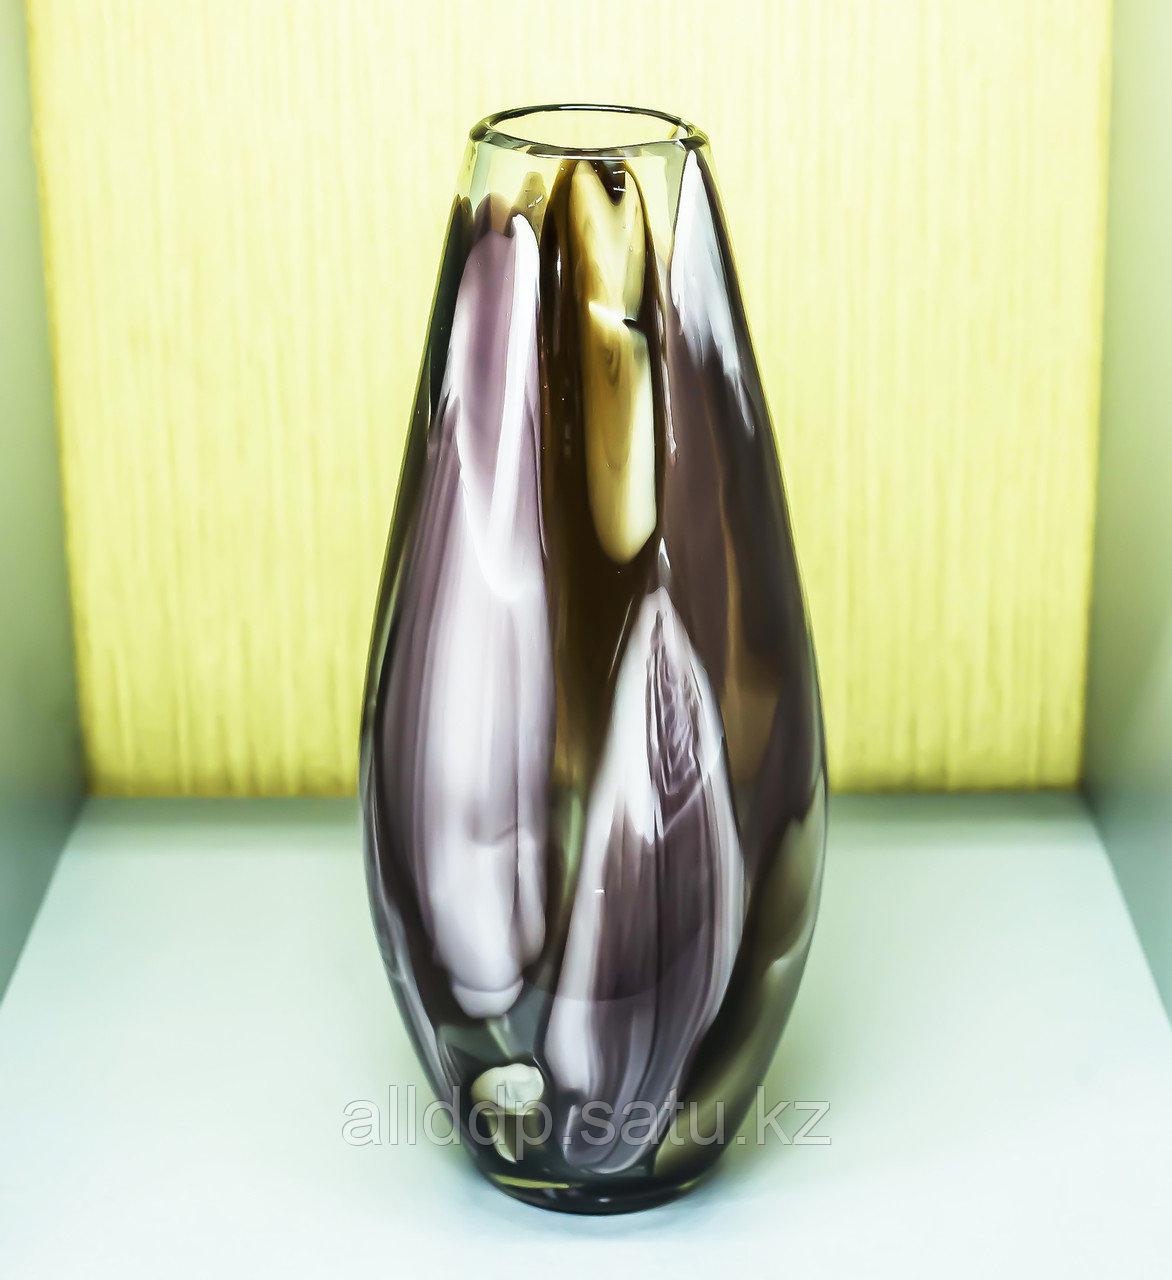 Декоративная большая настольная ваза (цветное стекло), 45см